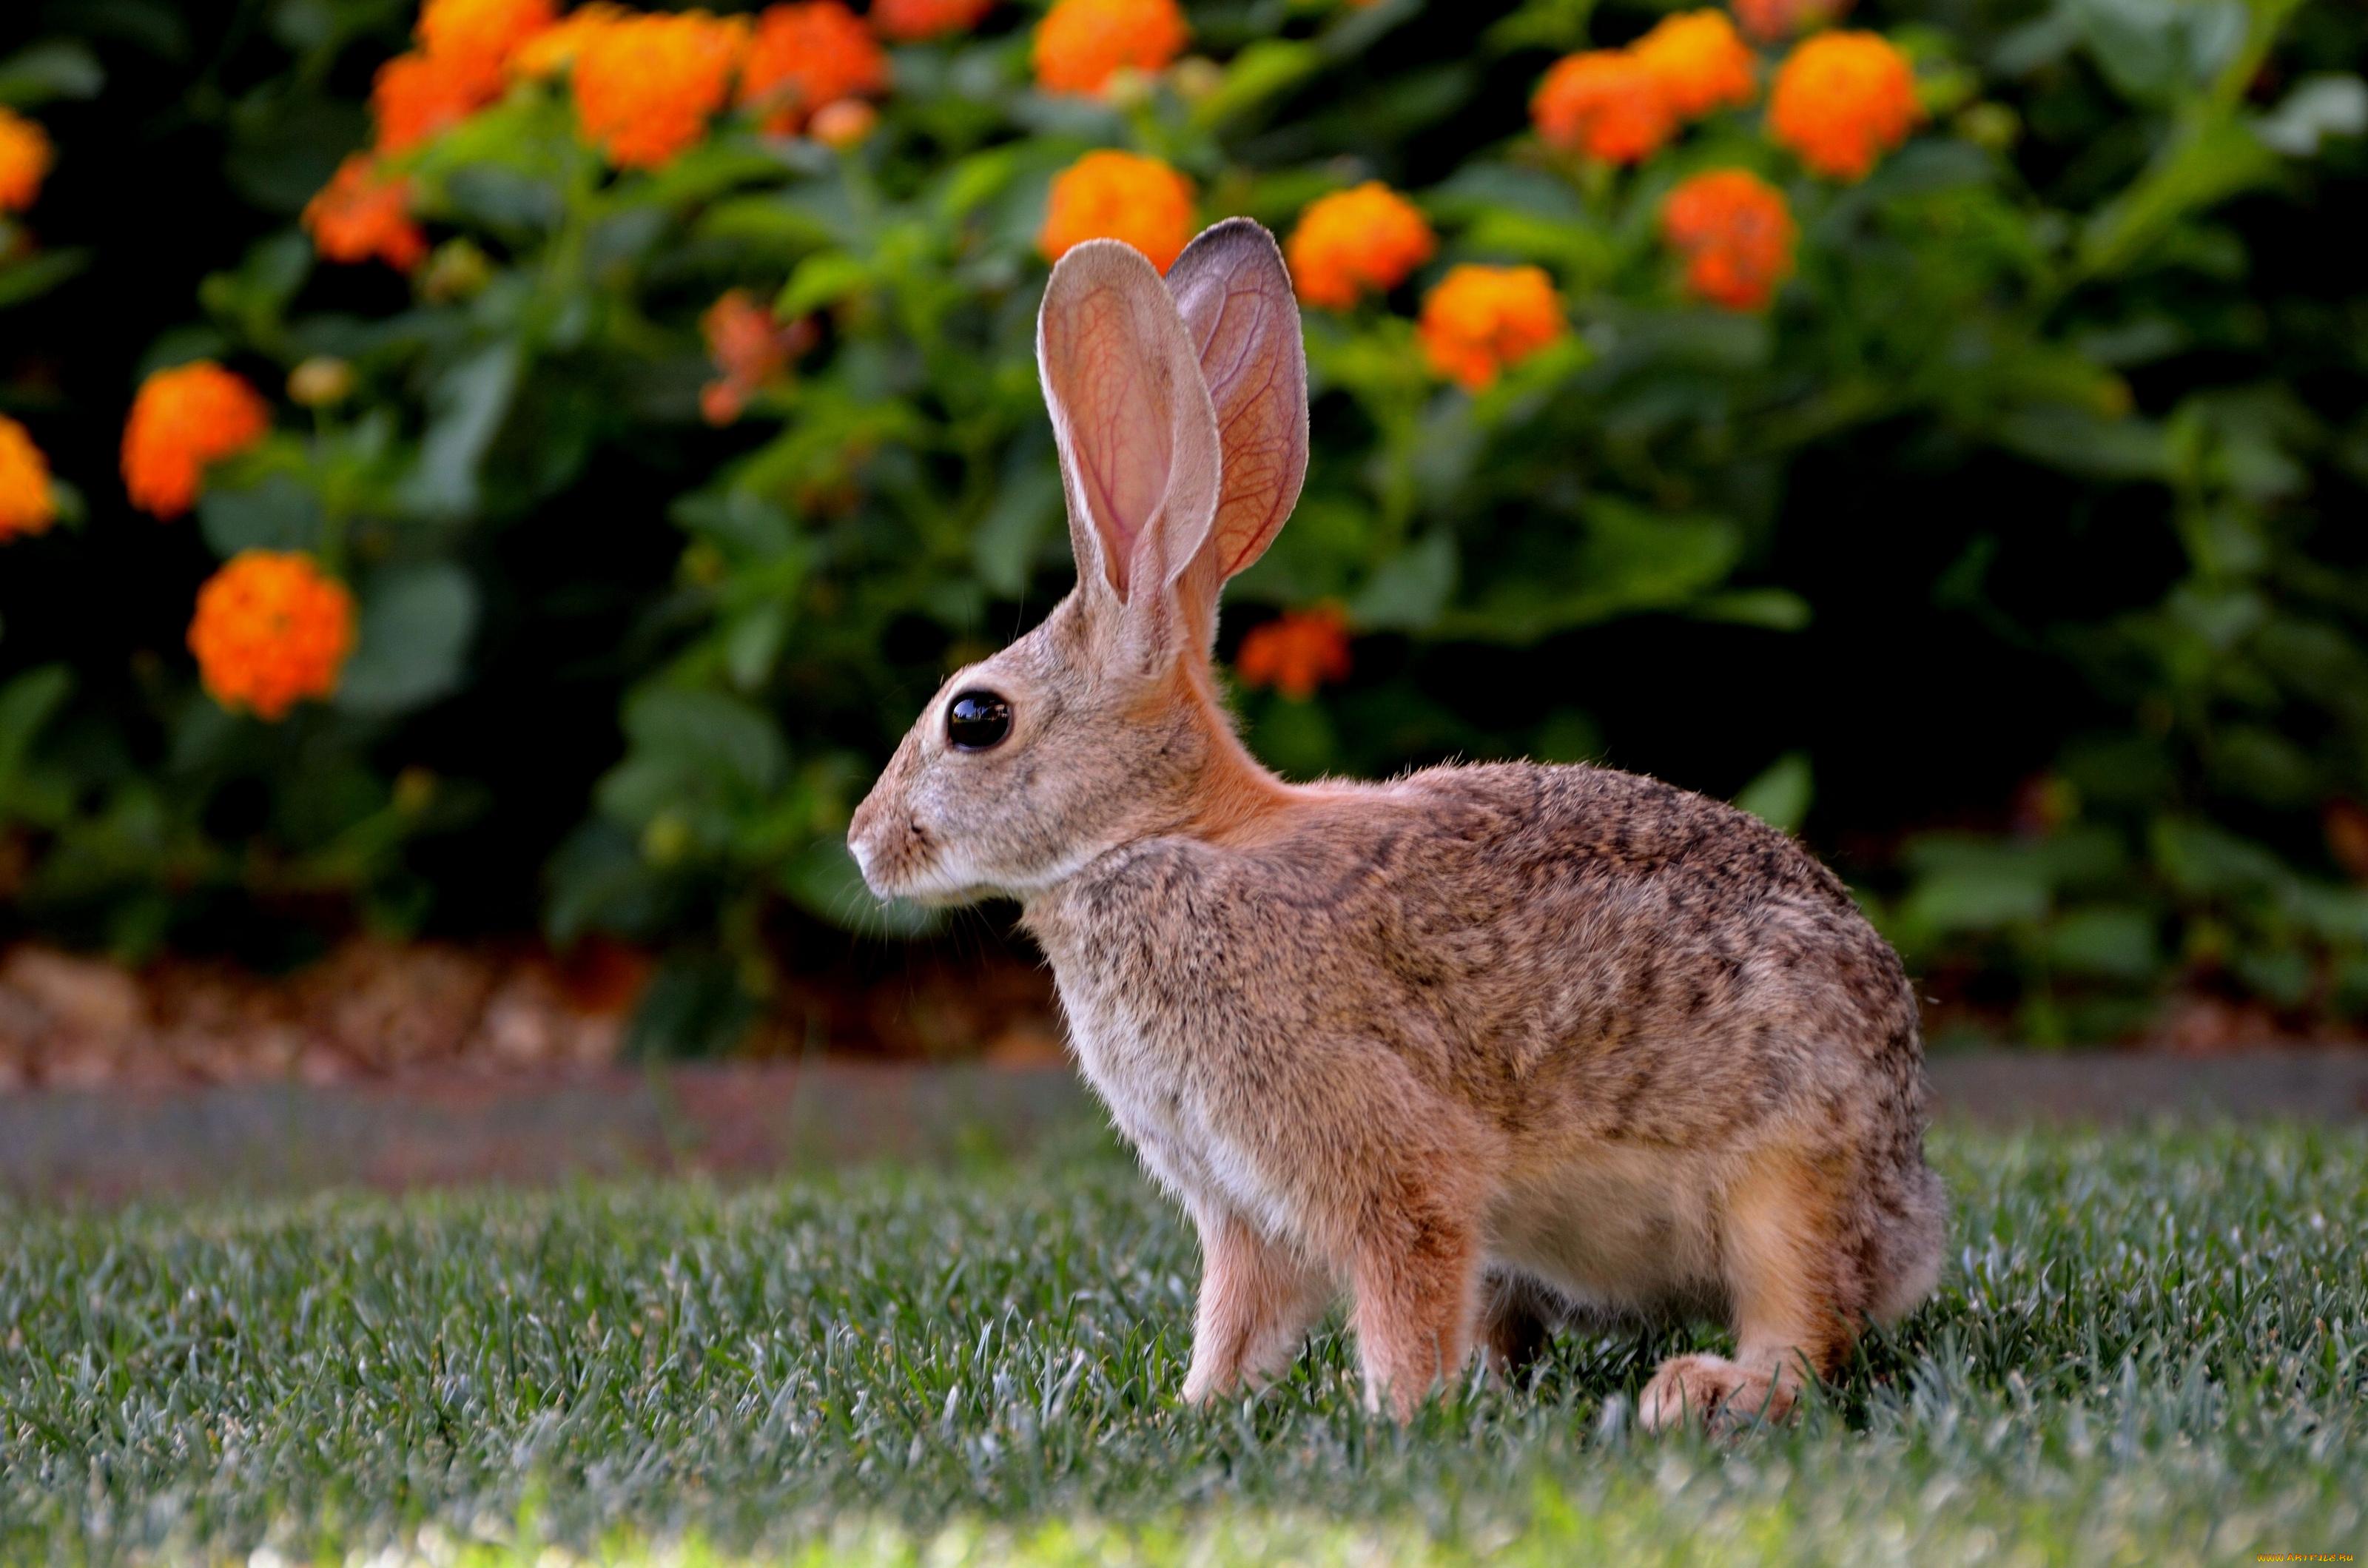 природа животные ккартинки зайцы цветы загрузить